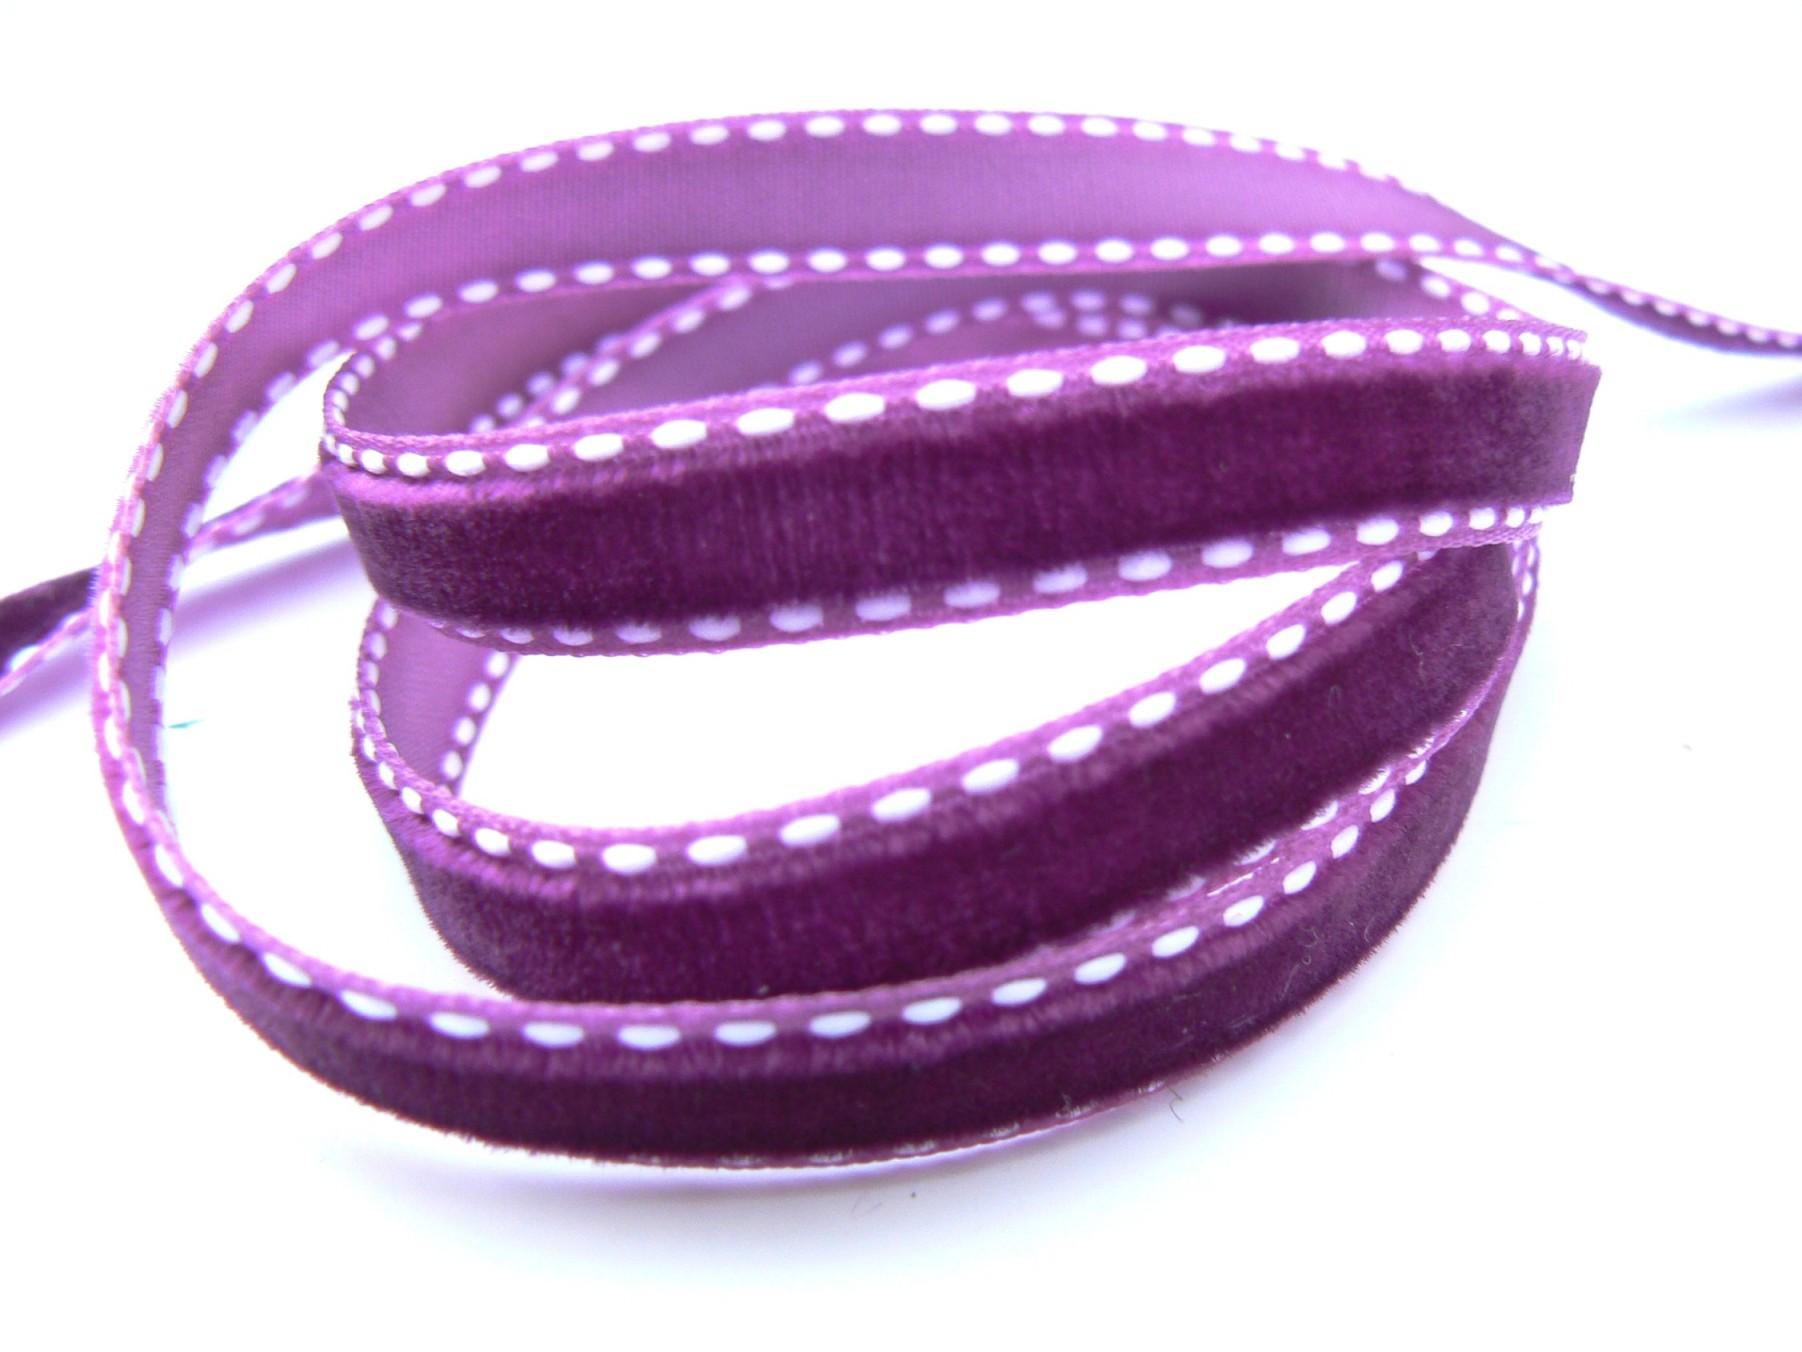 Ruban galon de velours piqué prune violine – largeur 10 mm